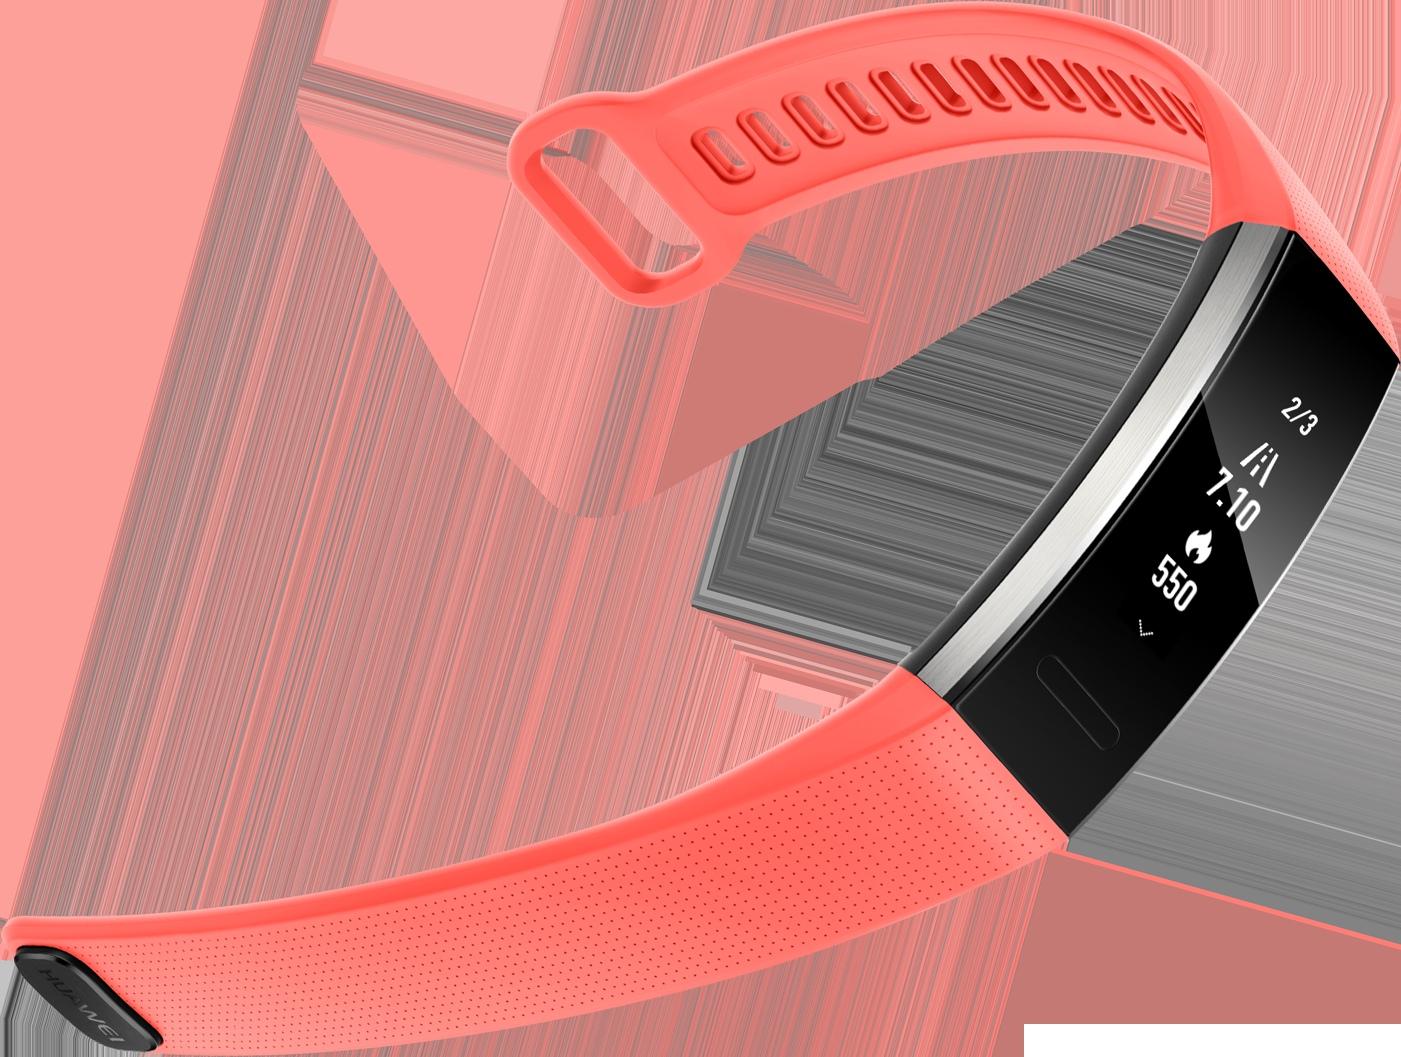 هواوی از دو دستبند Band 2 و Band 2 Pro رونمایی کرد